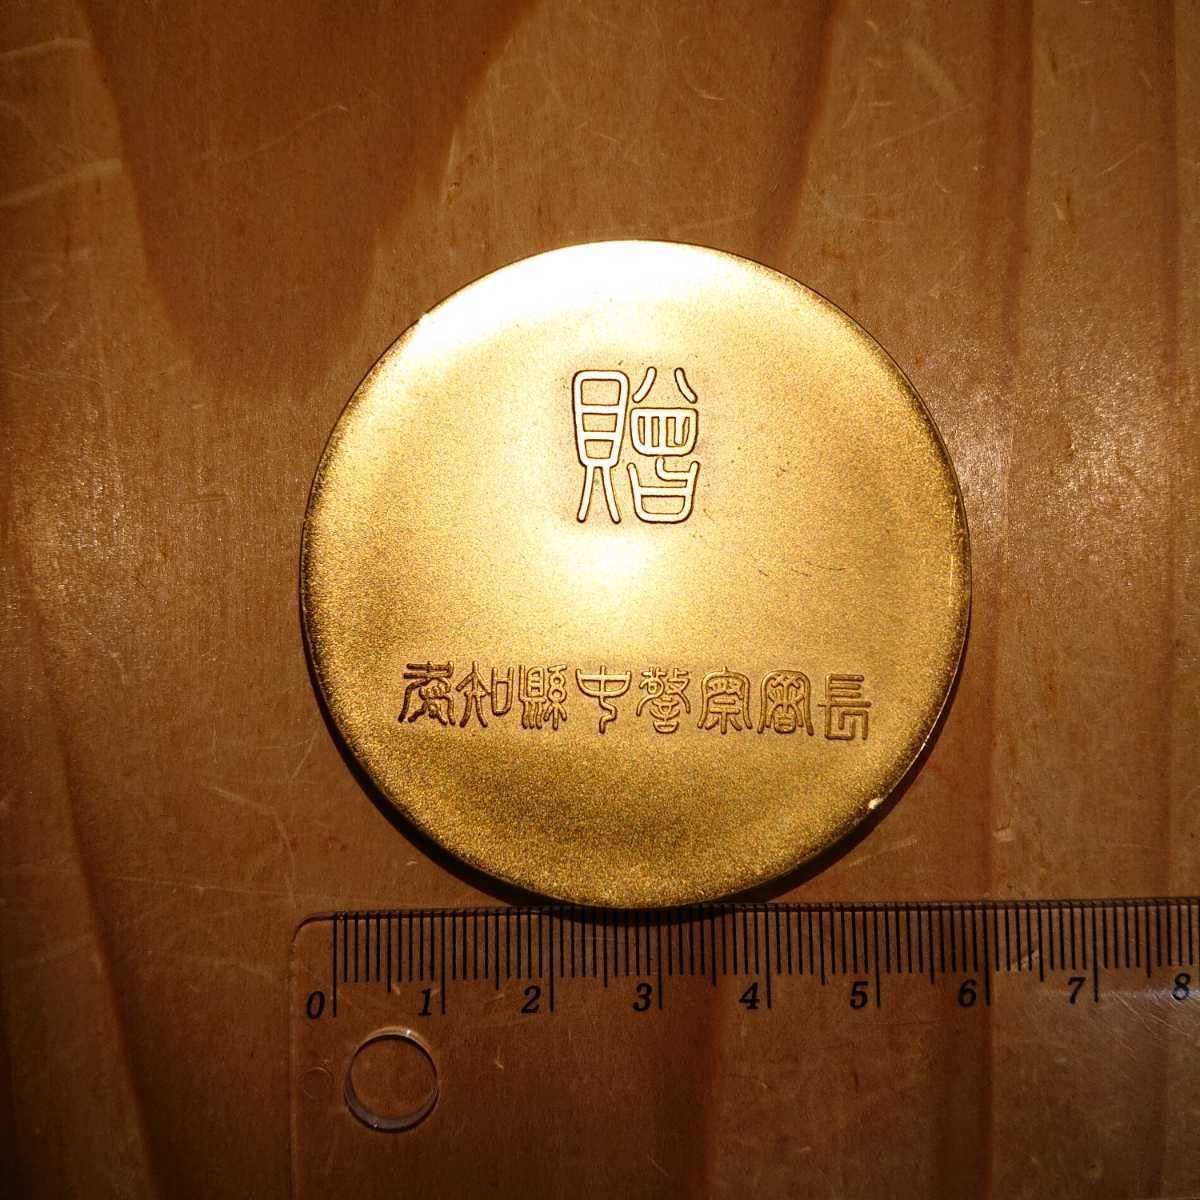 愛知県警察 中警察署 表彰 文鎮 検: 県警 警察グッズ ポリス_画像2